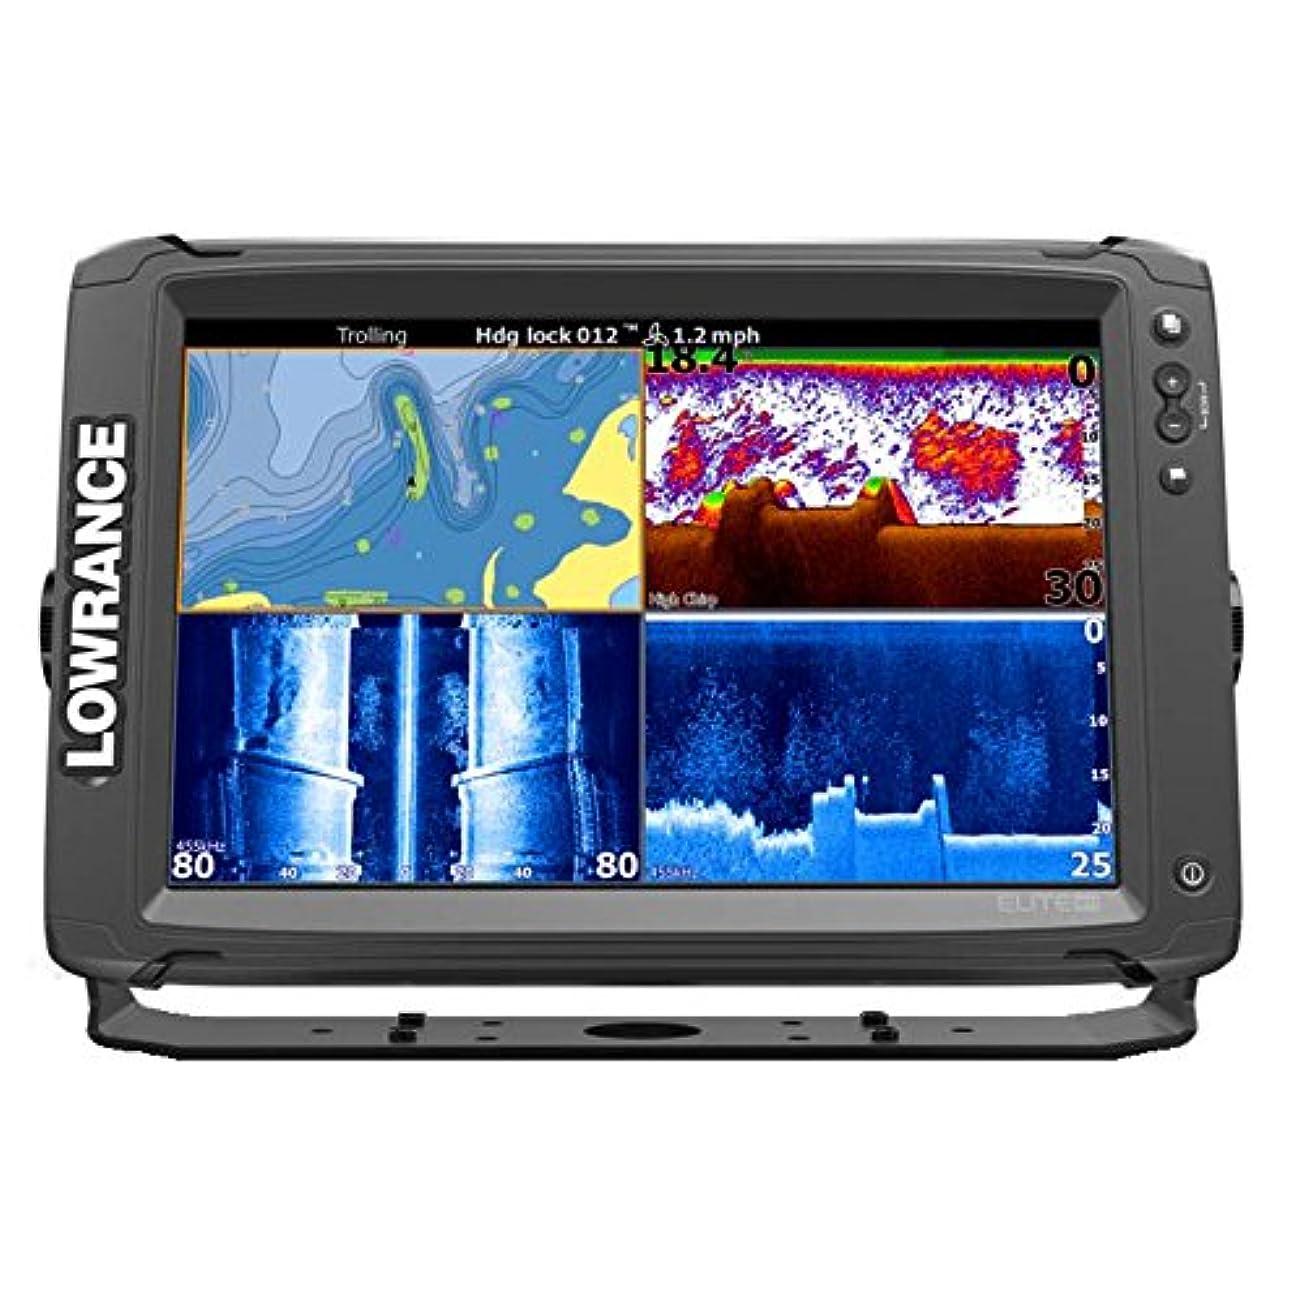 告白する基礎貫入【LOWRANCE/ロランス】Elite-12Ti トータルスキャン振動子付 簡易海図AT5マップ付き GPS魚探